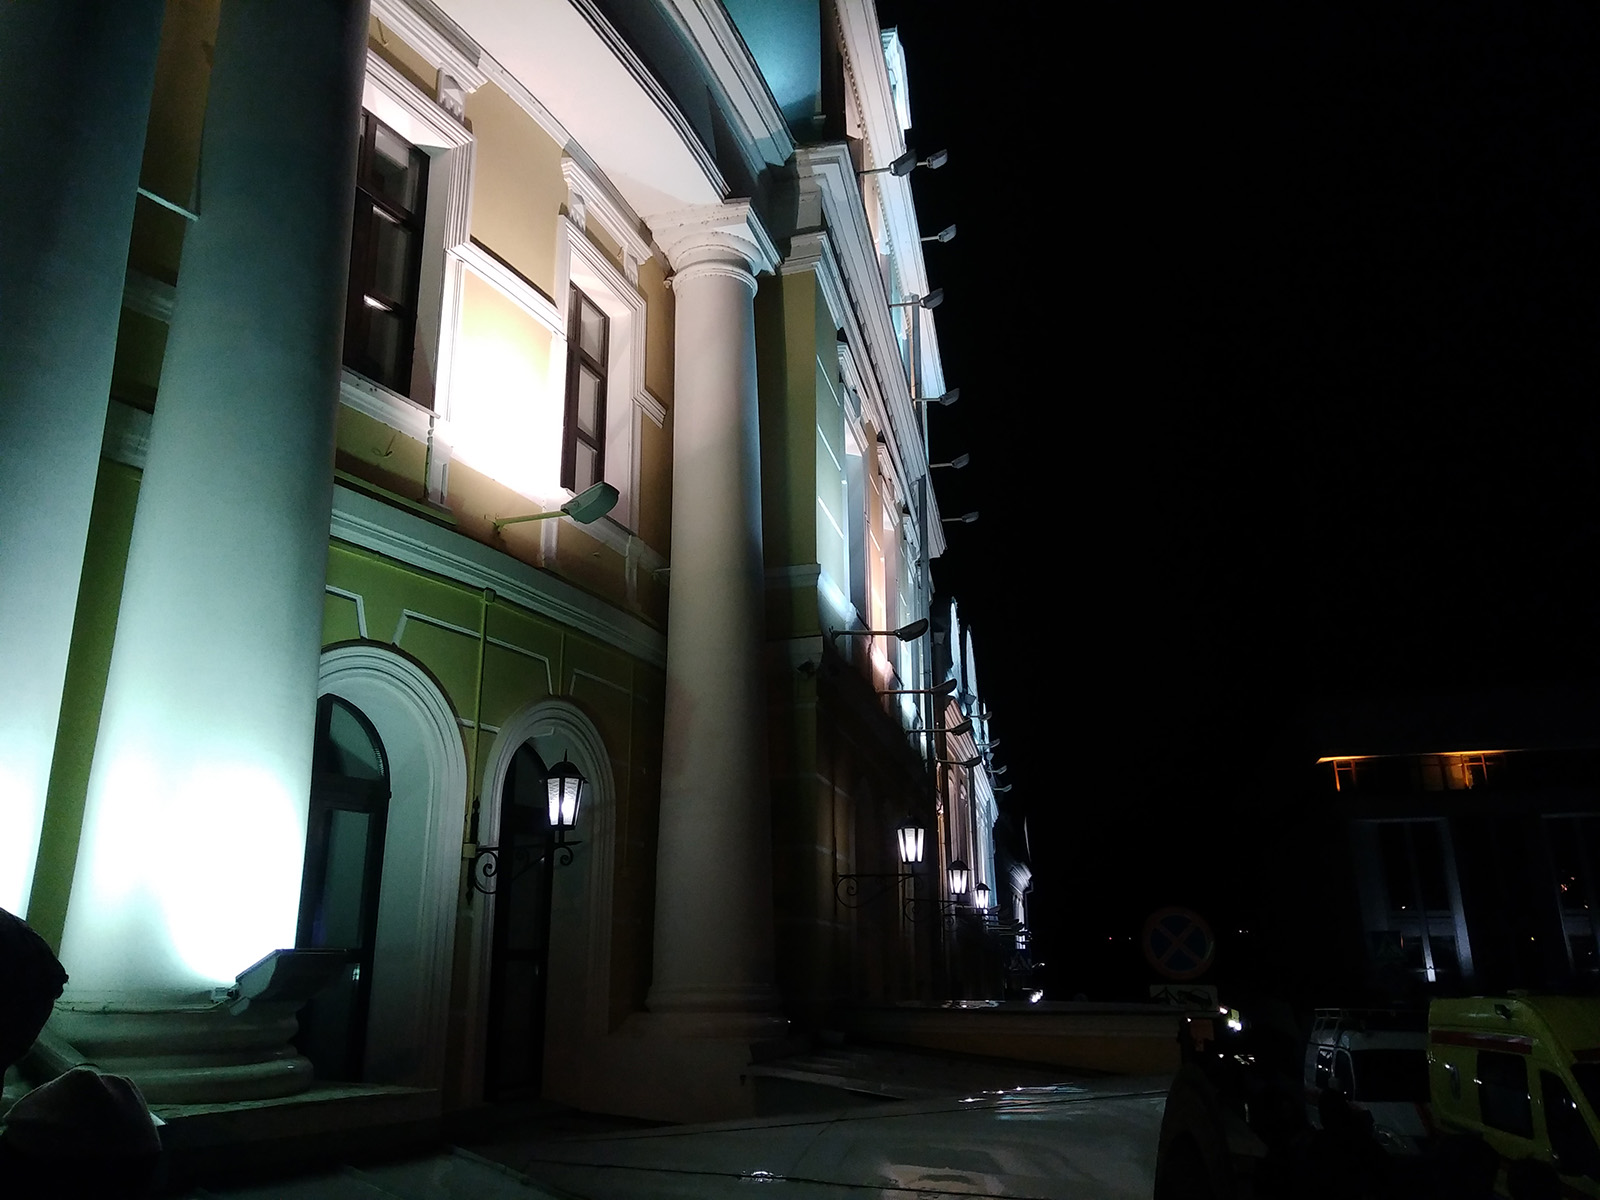 Ночное фото, сразу снятое в JPG